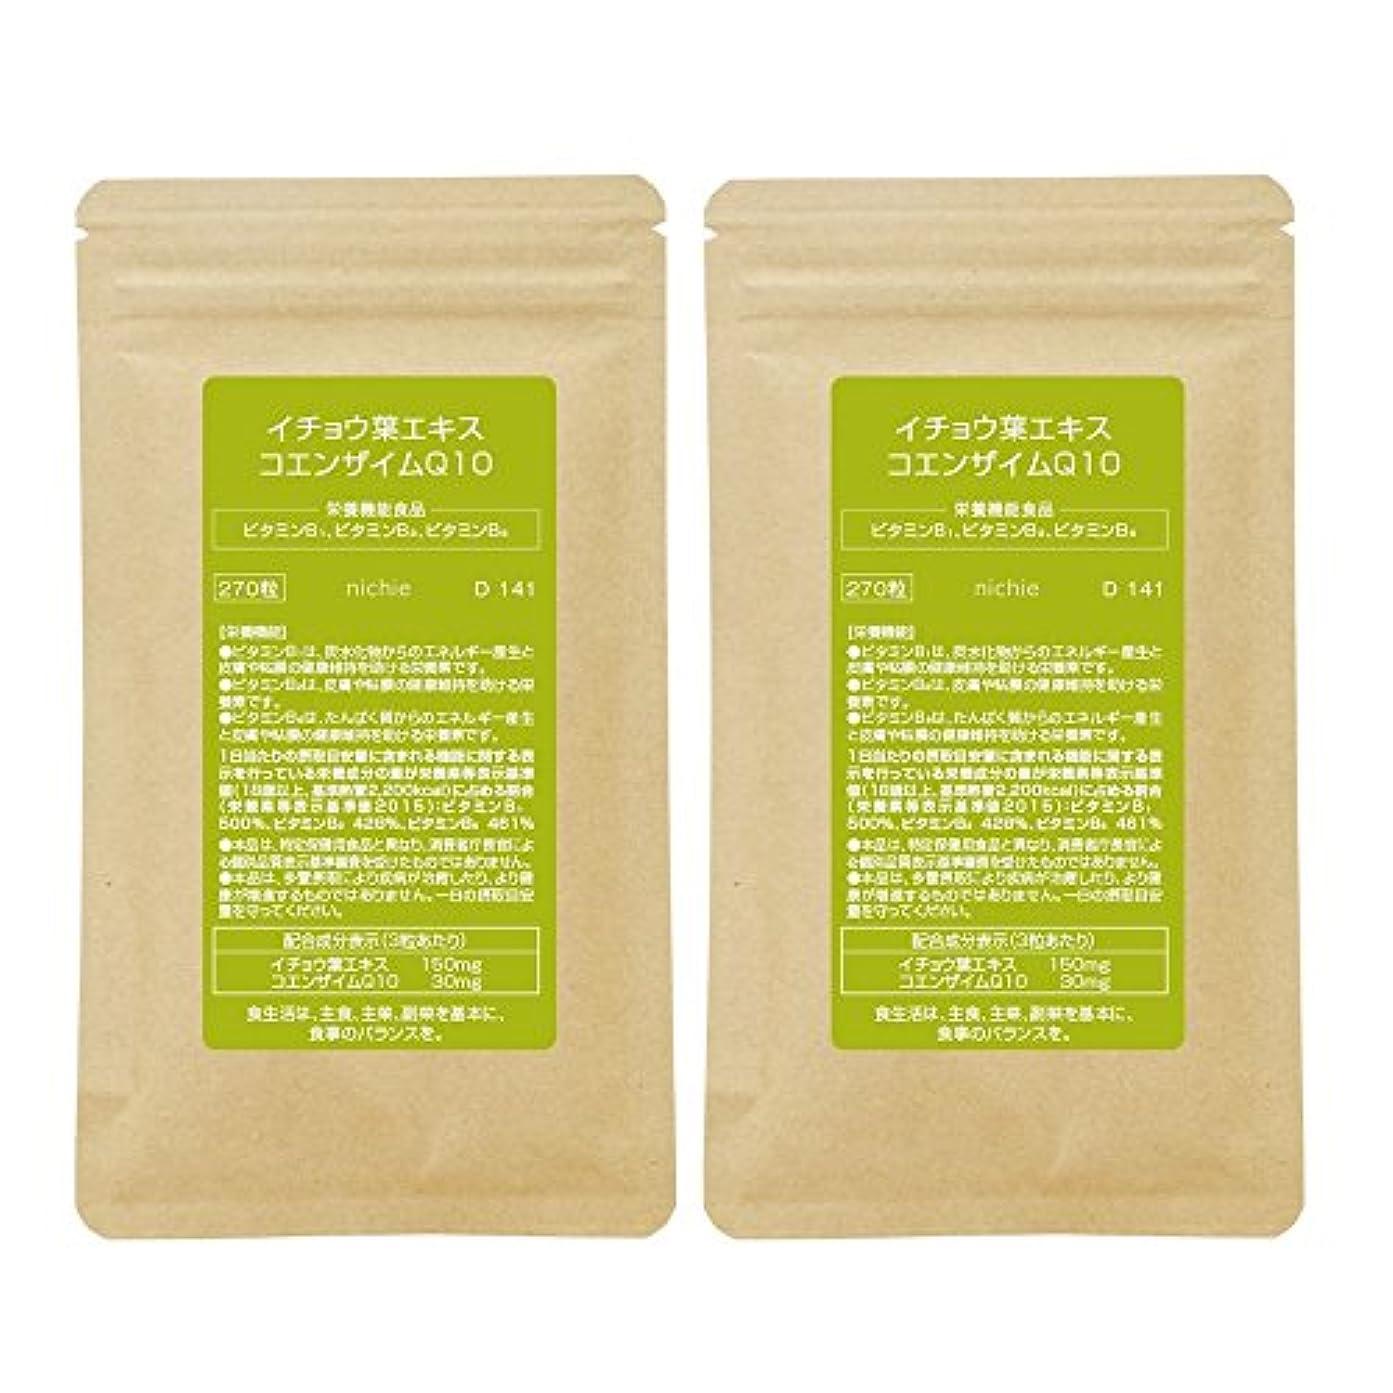 話をする無秩序一瞬nichie イチョウ葉エキス コエンザイムQ10 ビタミン 複合型サプリメント 約6ヶ月分(270粒×2袋)